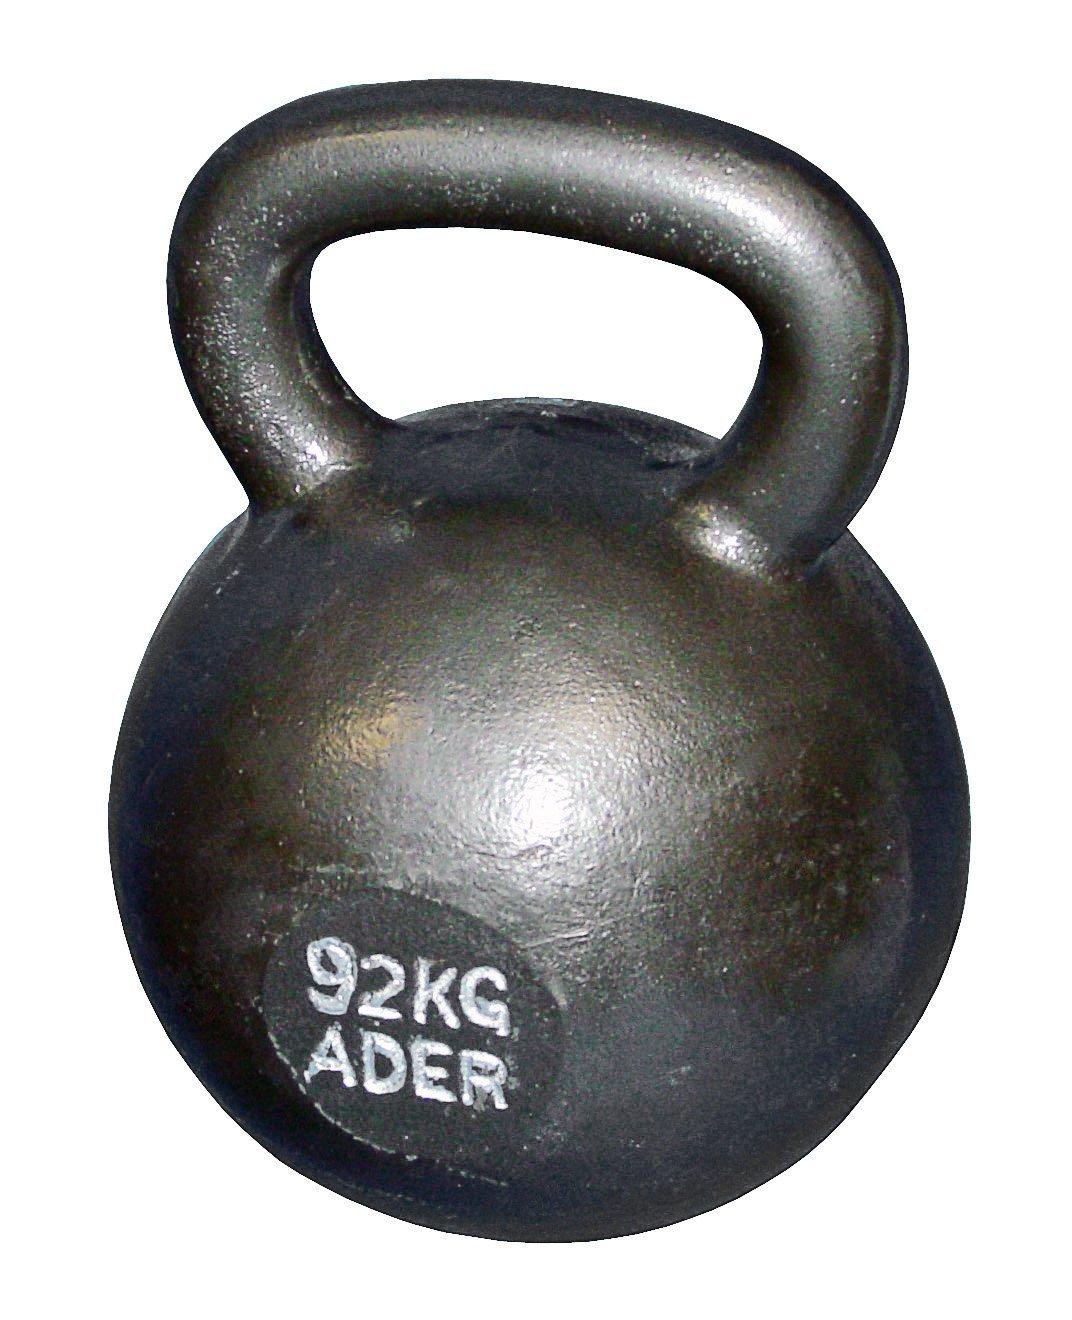 Ader Premier Kettlebell Kg: Ader Premier Monster Kettlebell- (92kg)